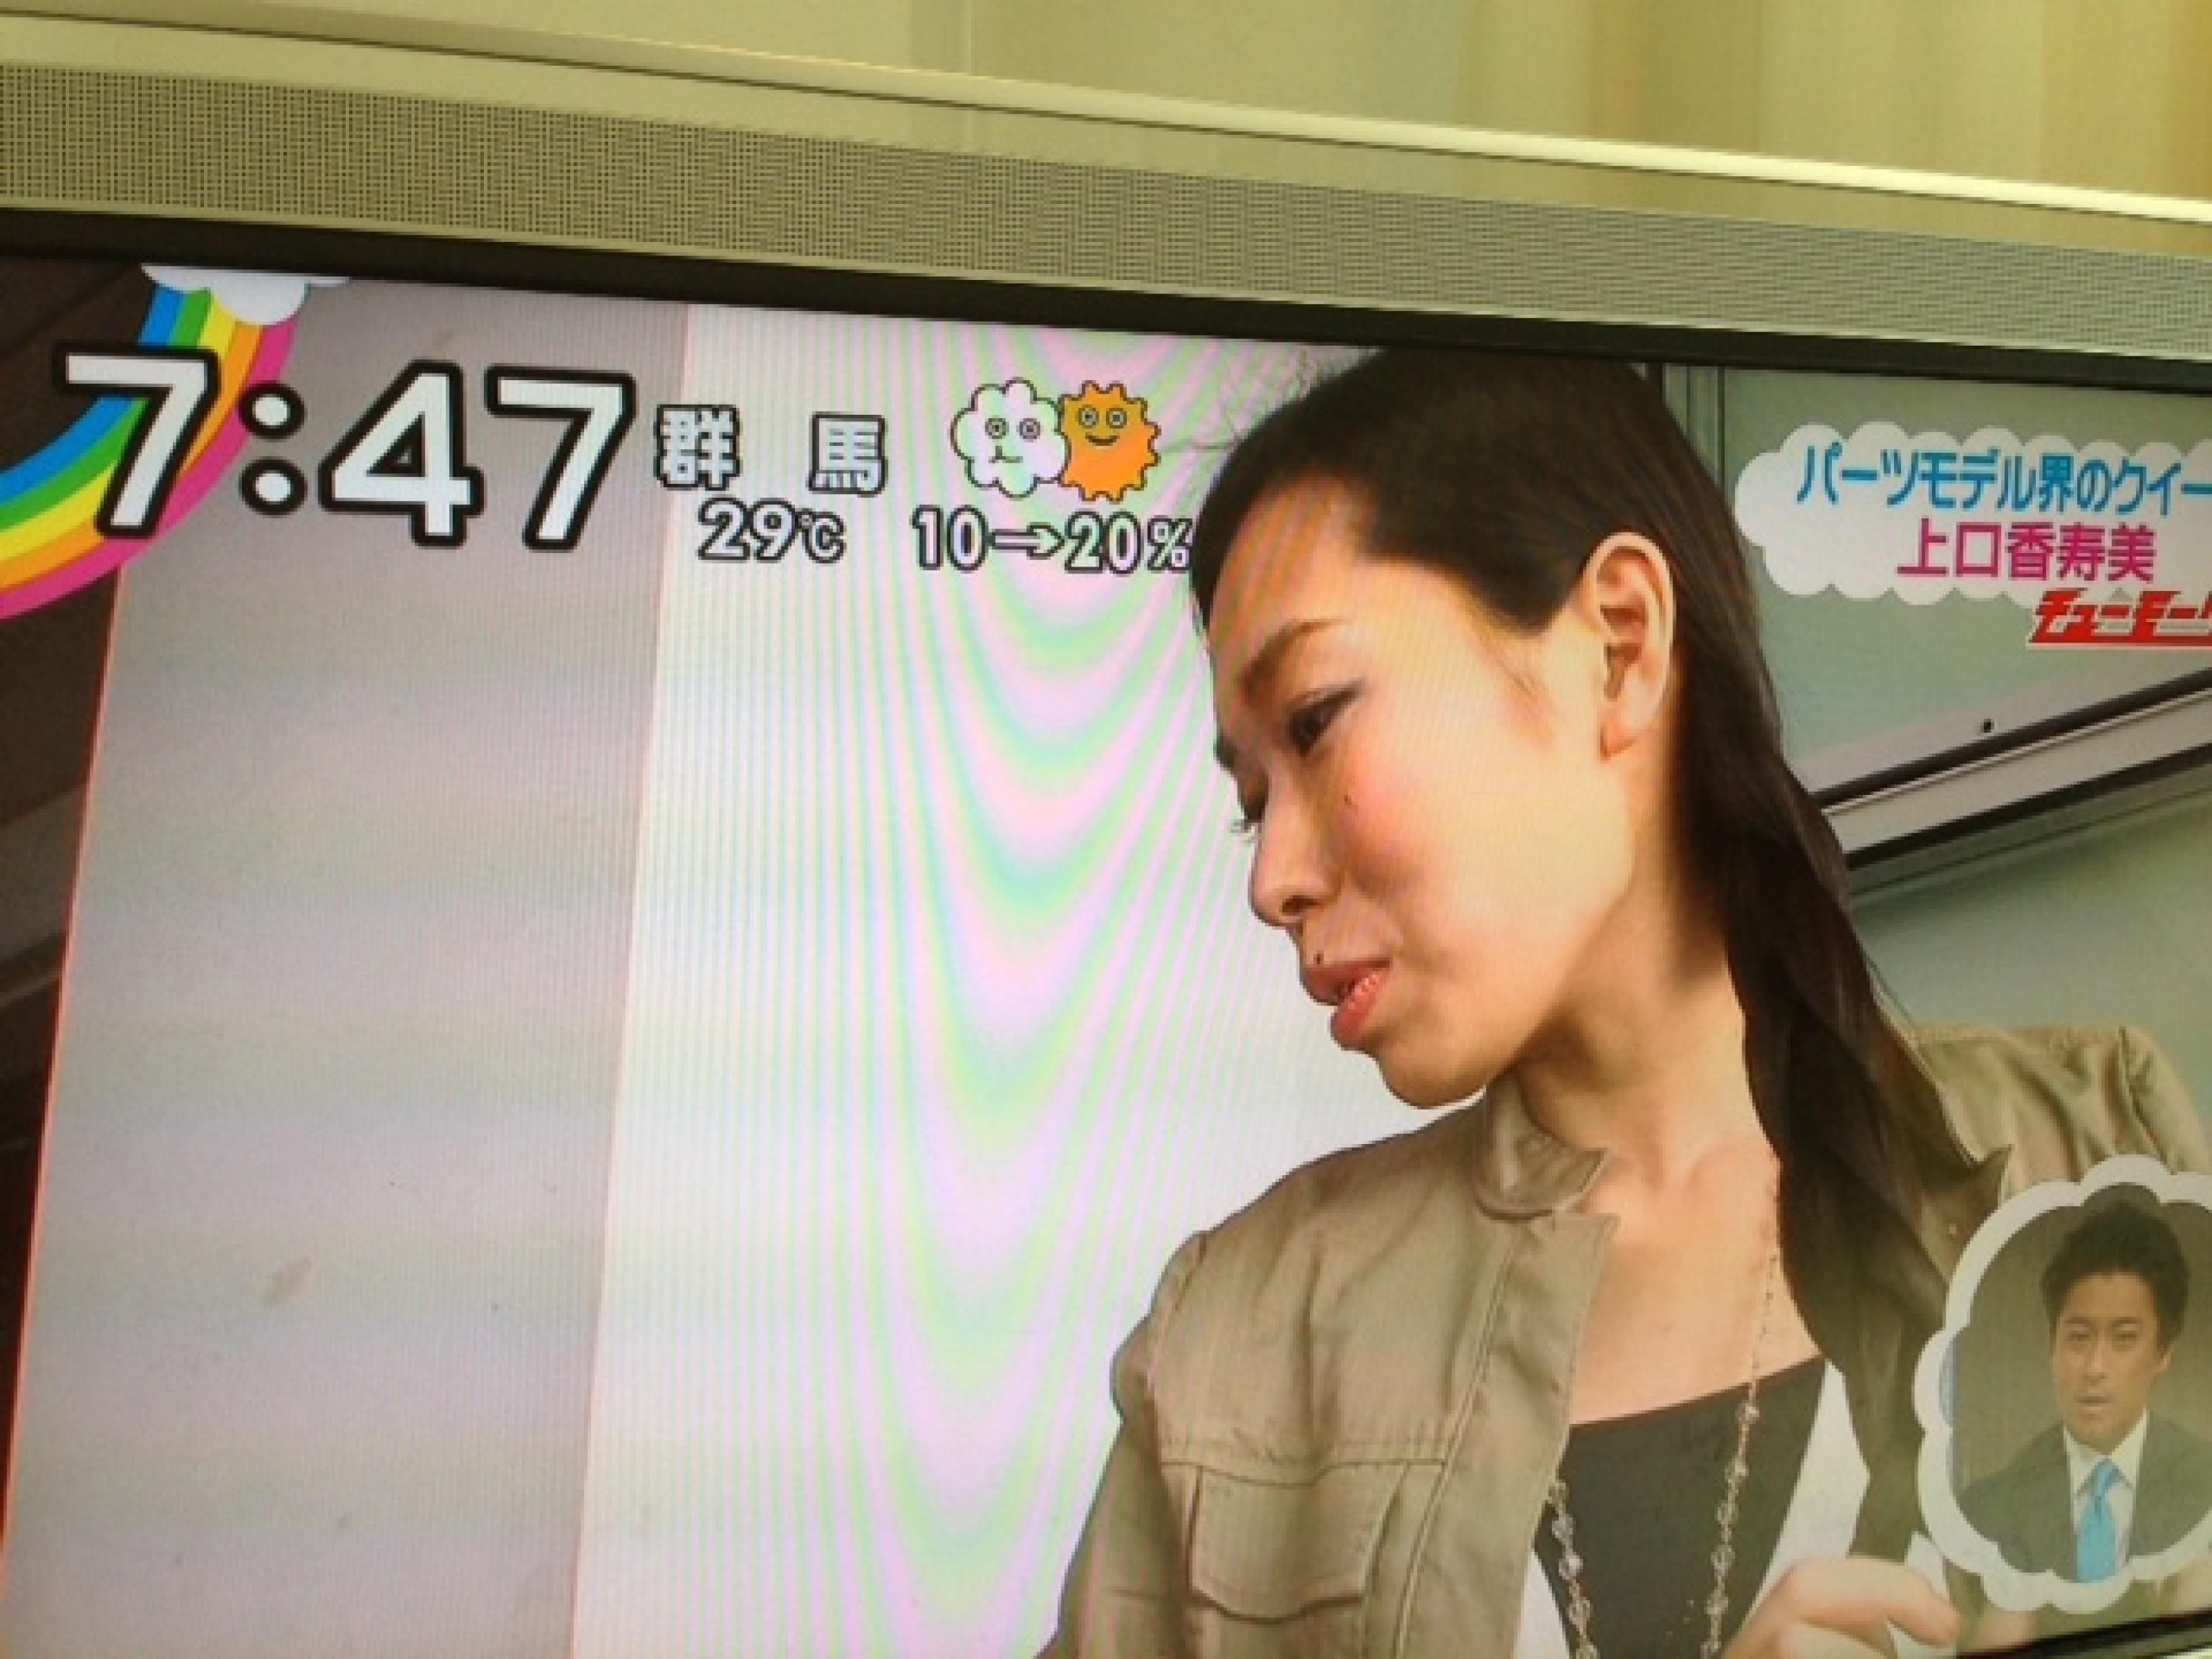 moblog_162eb9ea.jpg